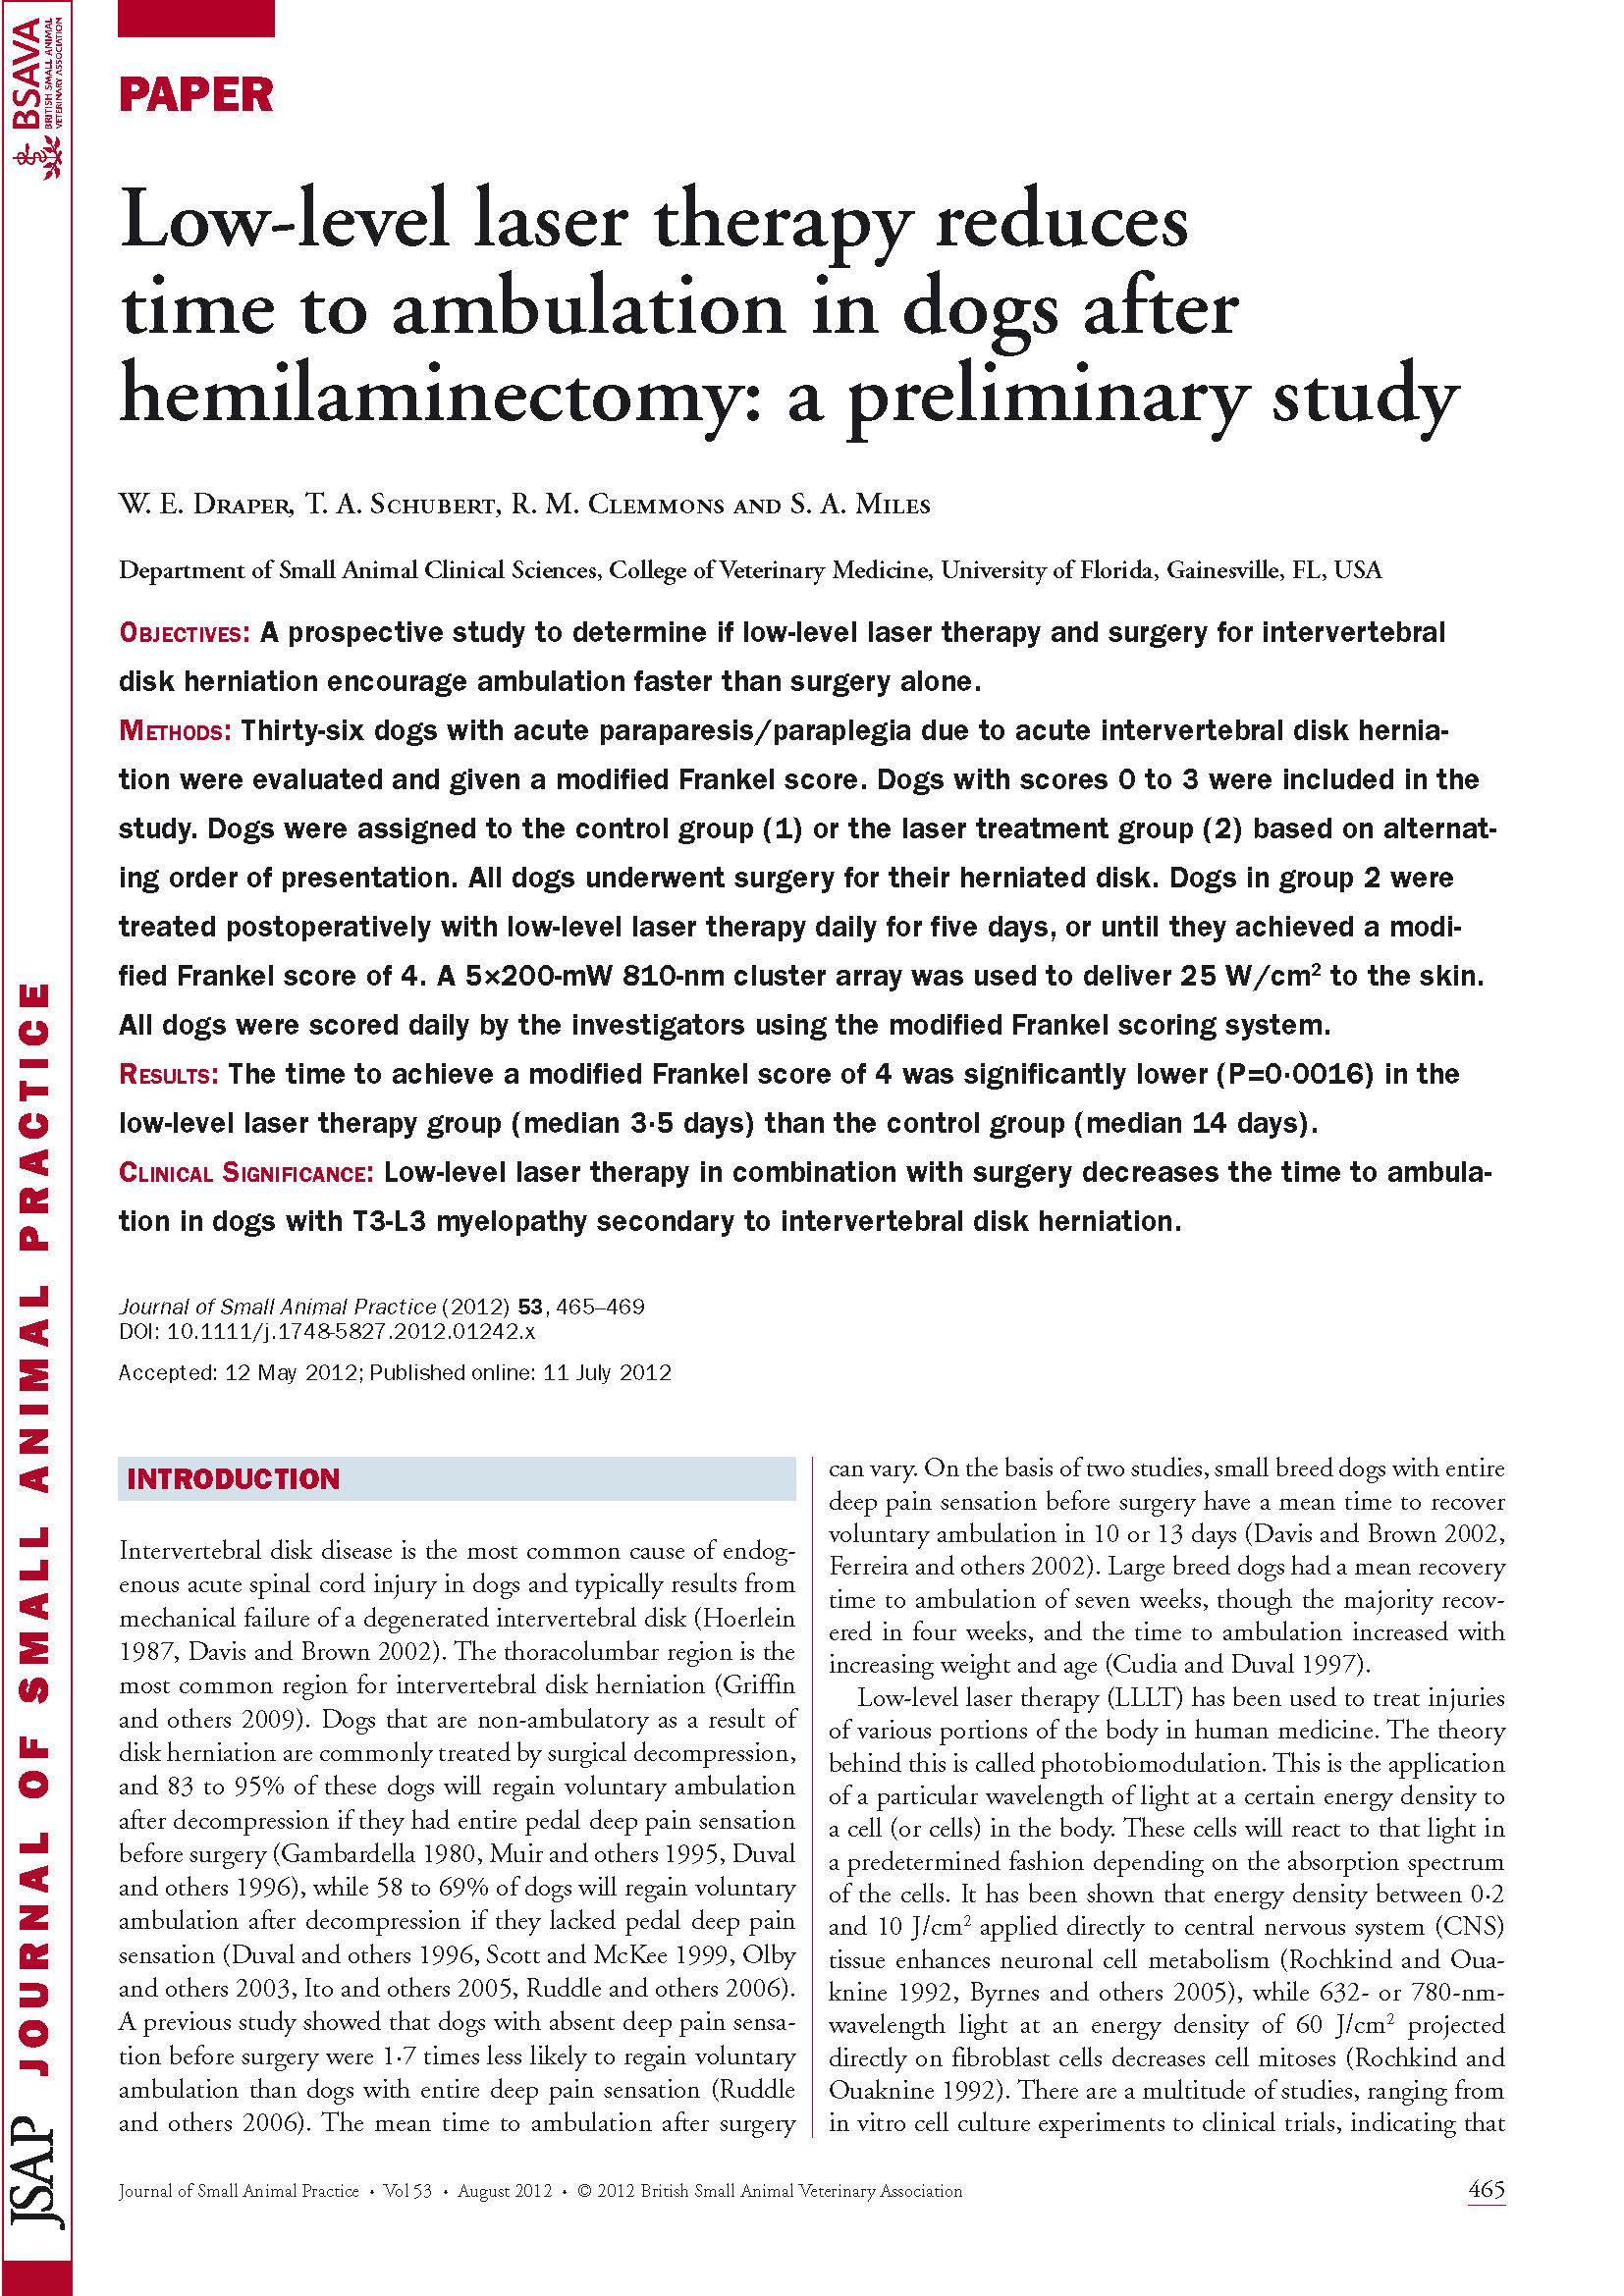 LLLT in Hemilaminectomy.jpg